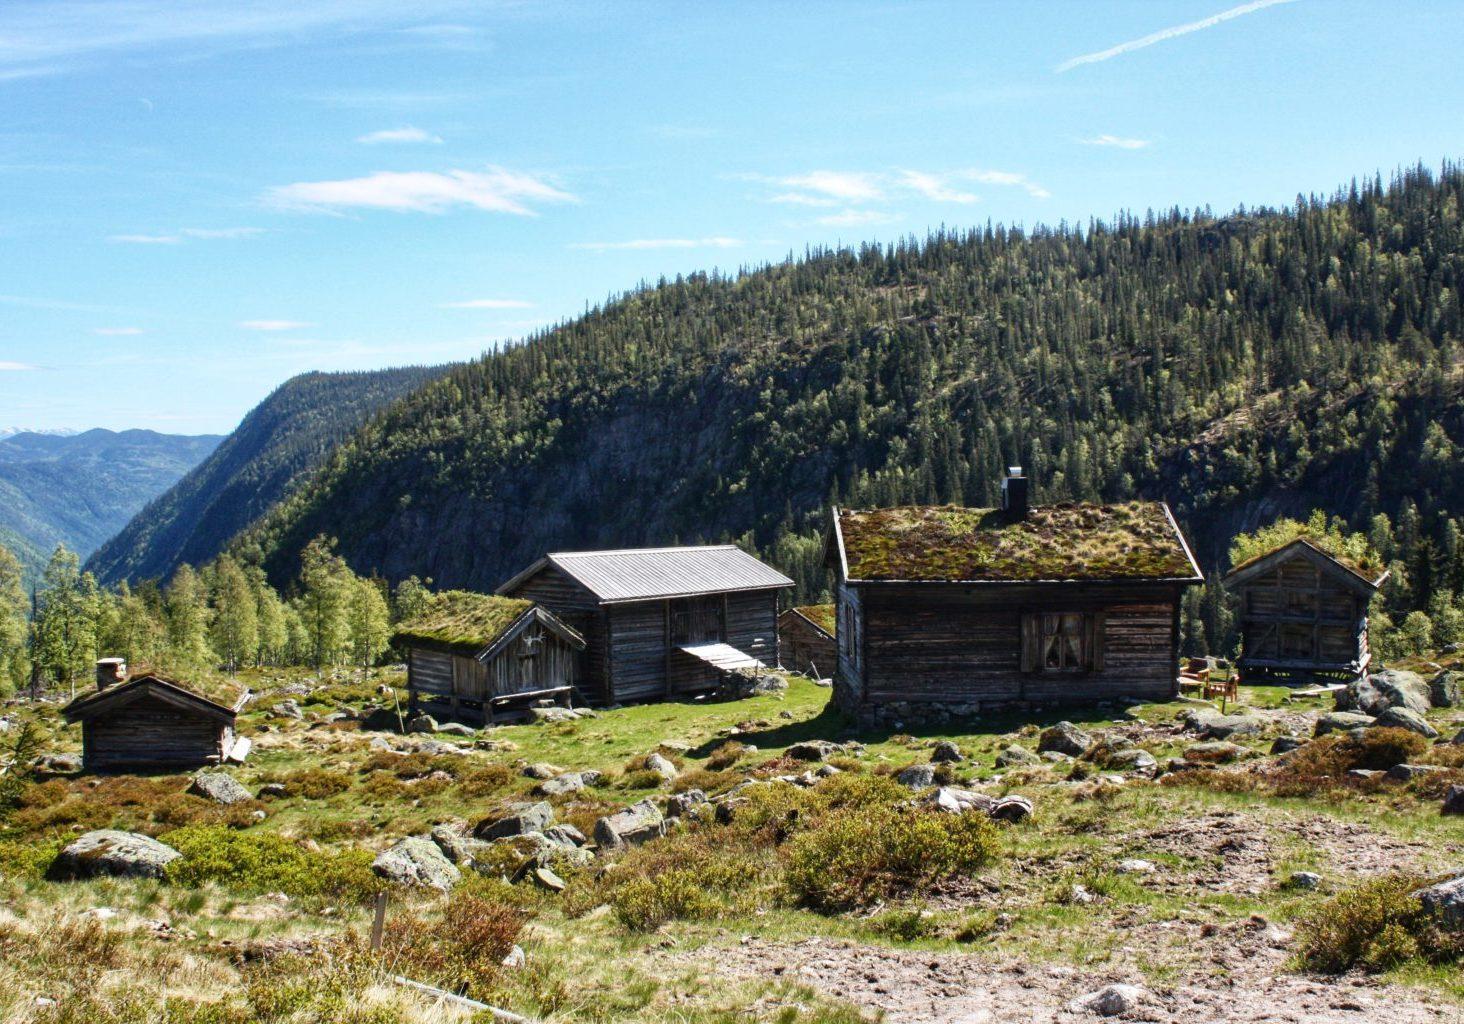 Den gamle fjellgarden Ripilen i Tokke. Torbjørg Ripilen var ei av fleire som kvad Draumkvedet for folkloristen Moltke Moe. Foto: Anne Gundersen